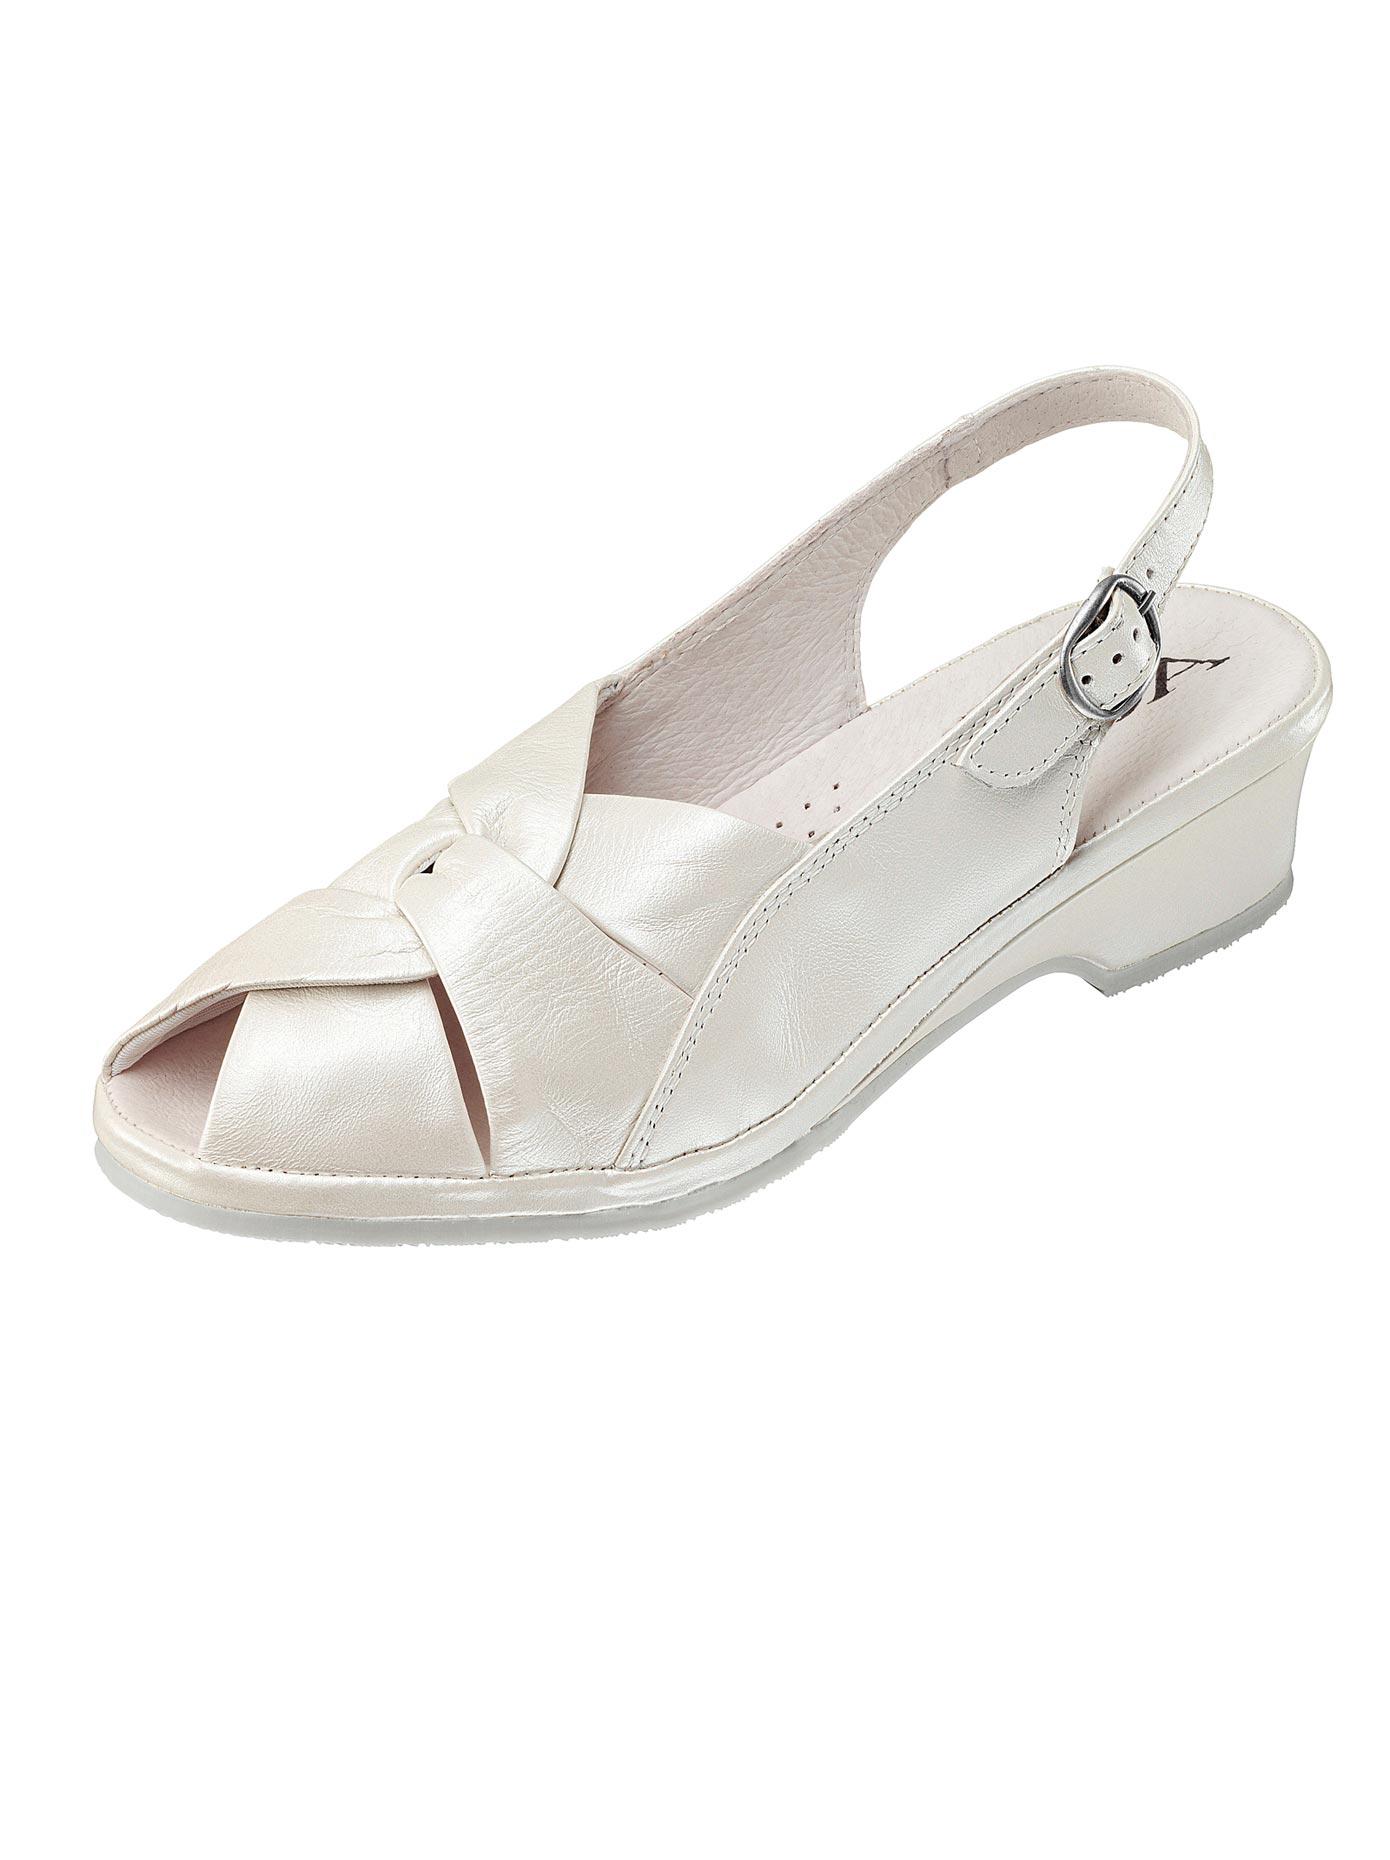 Aco Sandalette weiß Damen Sandaletten Sandalen